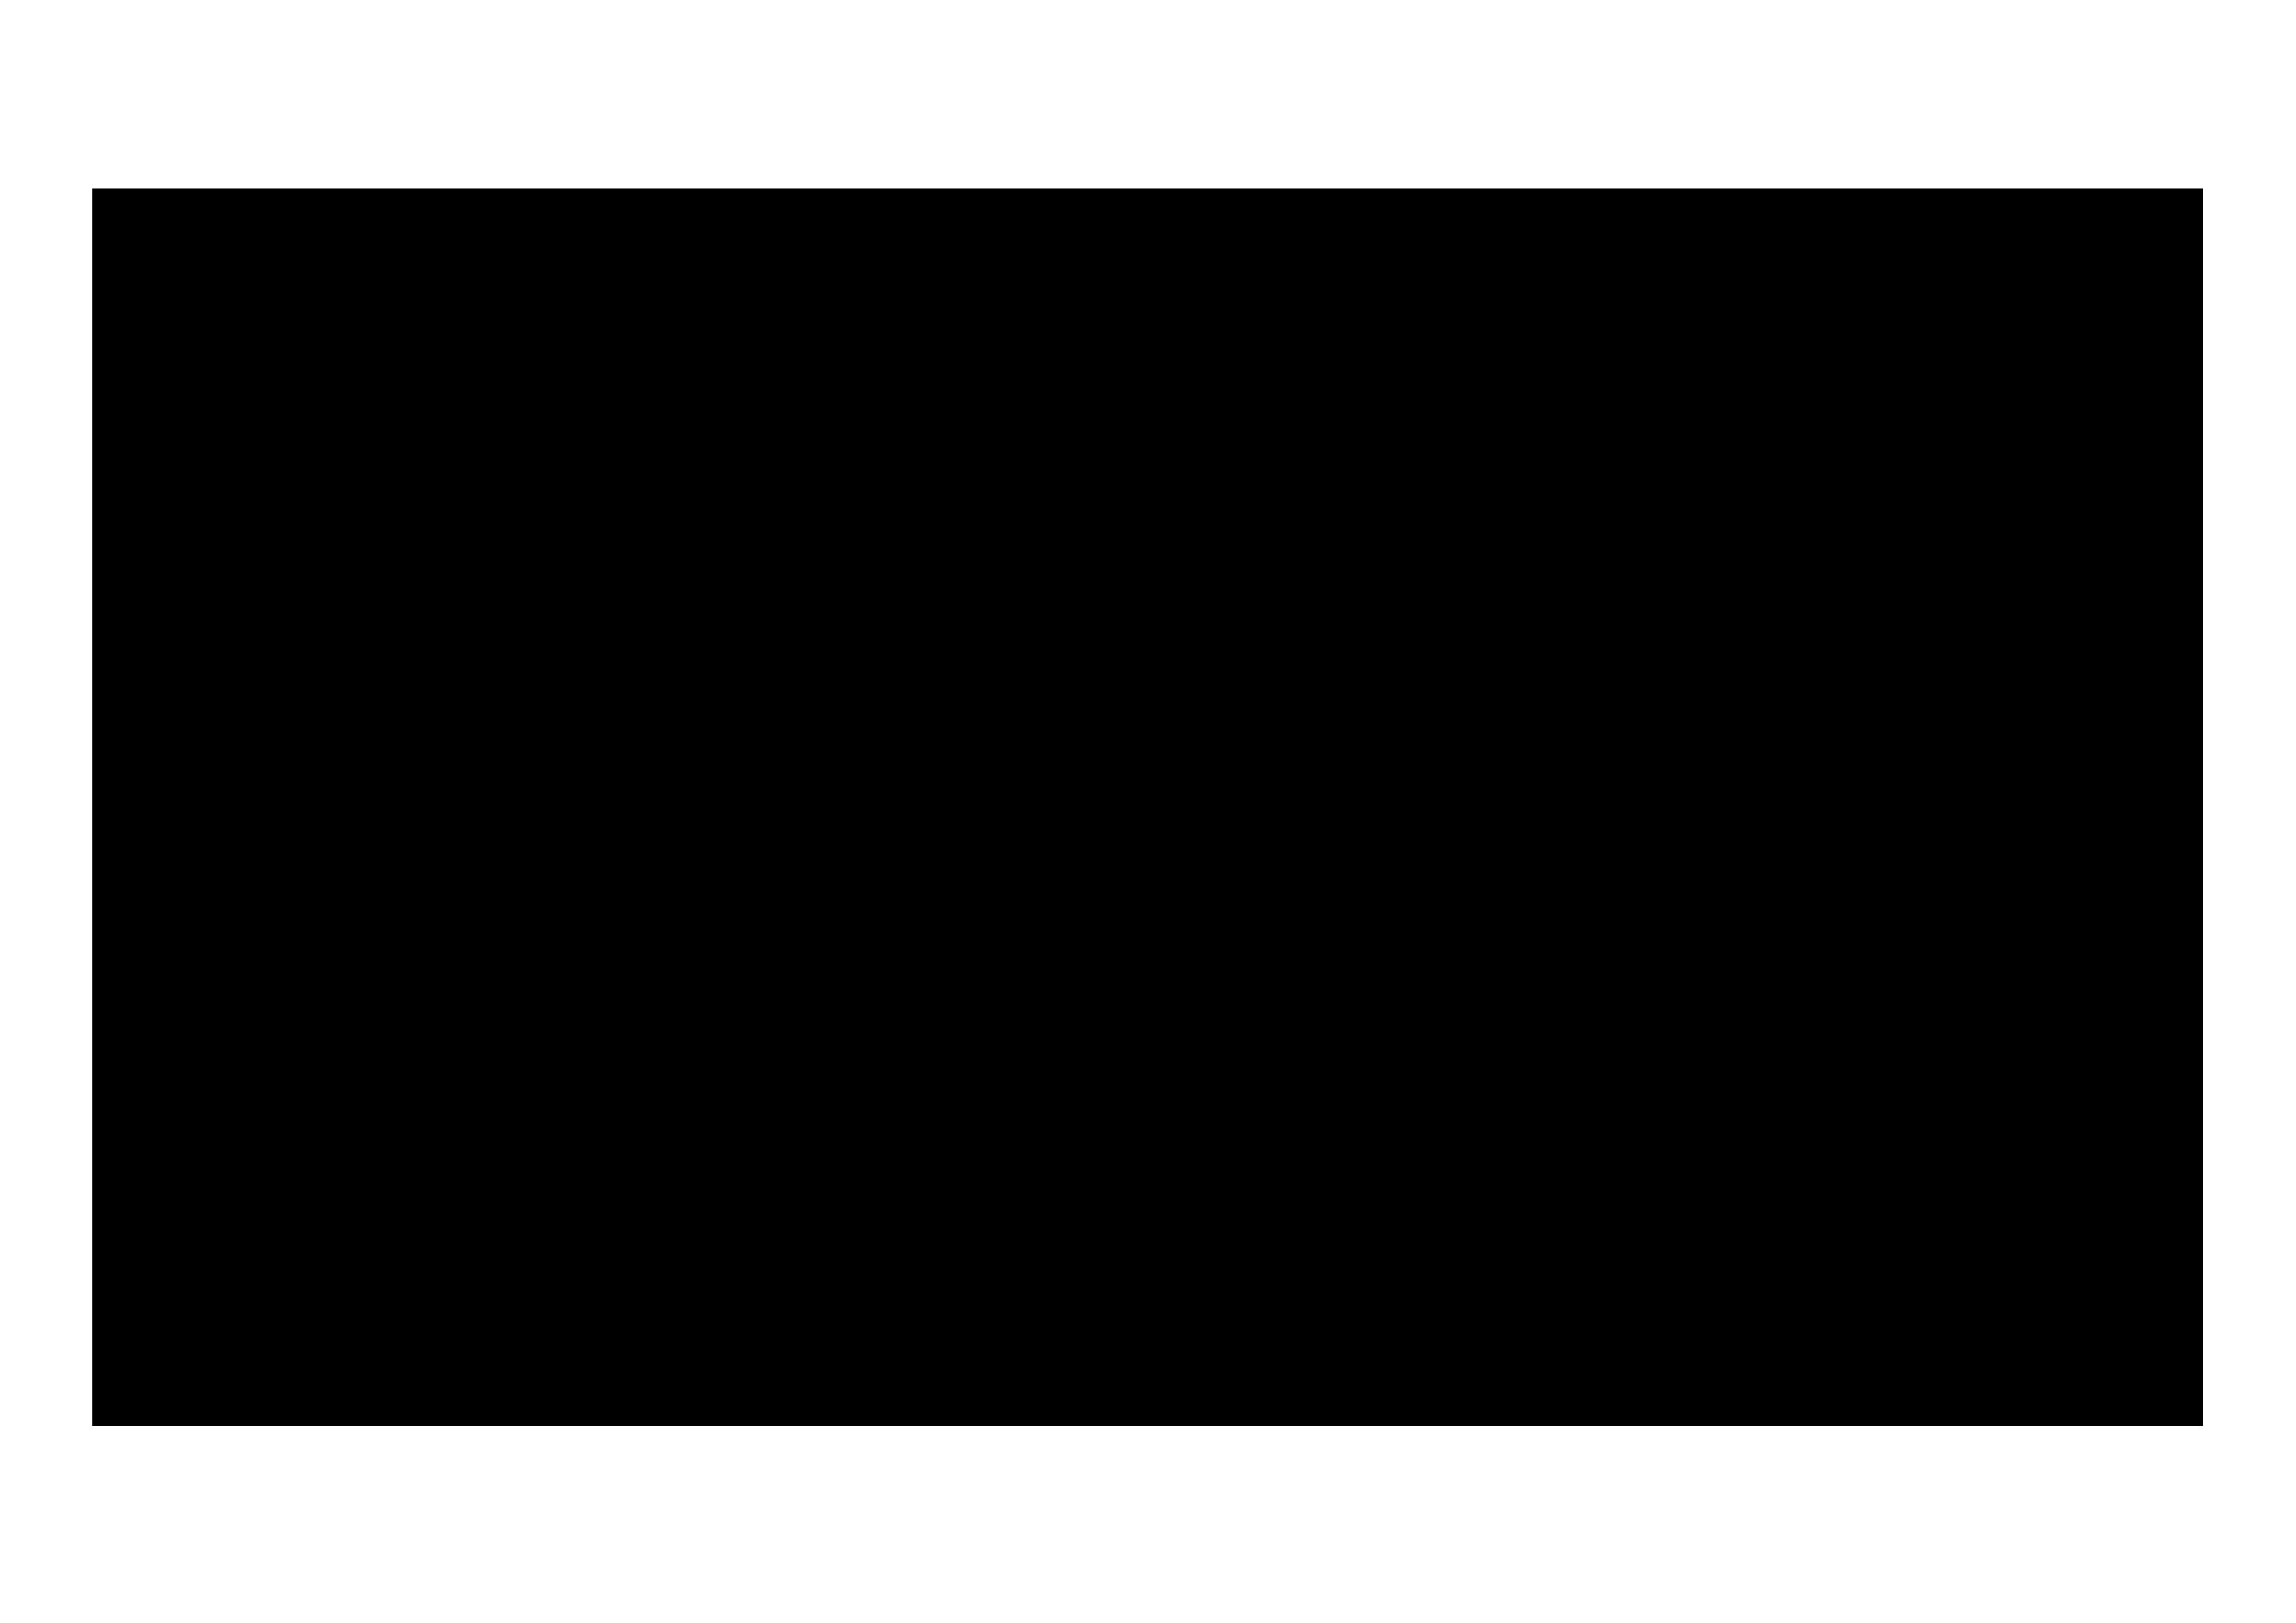 IAU100_black_RGB